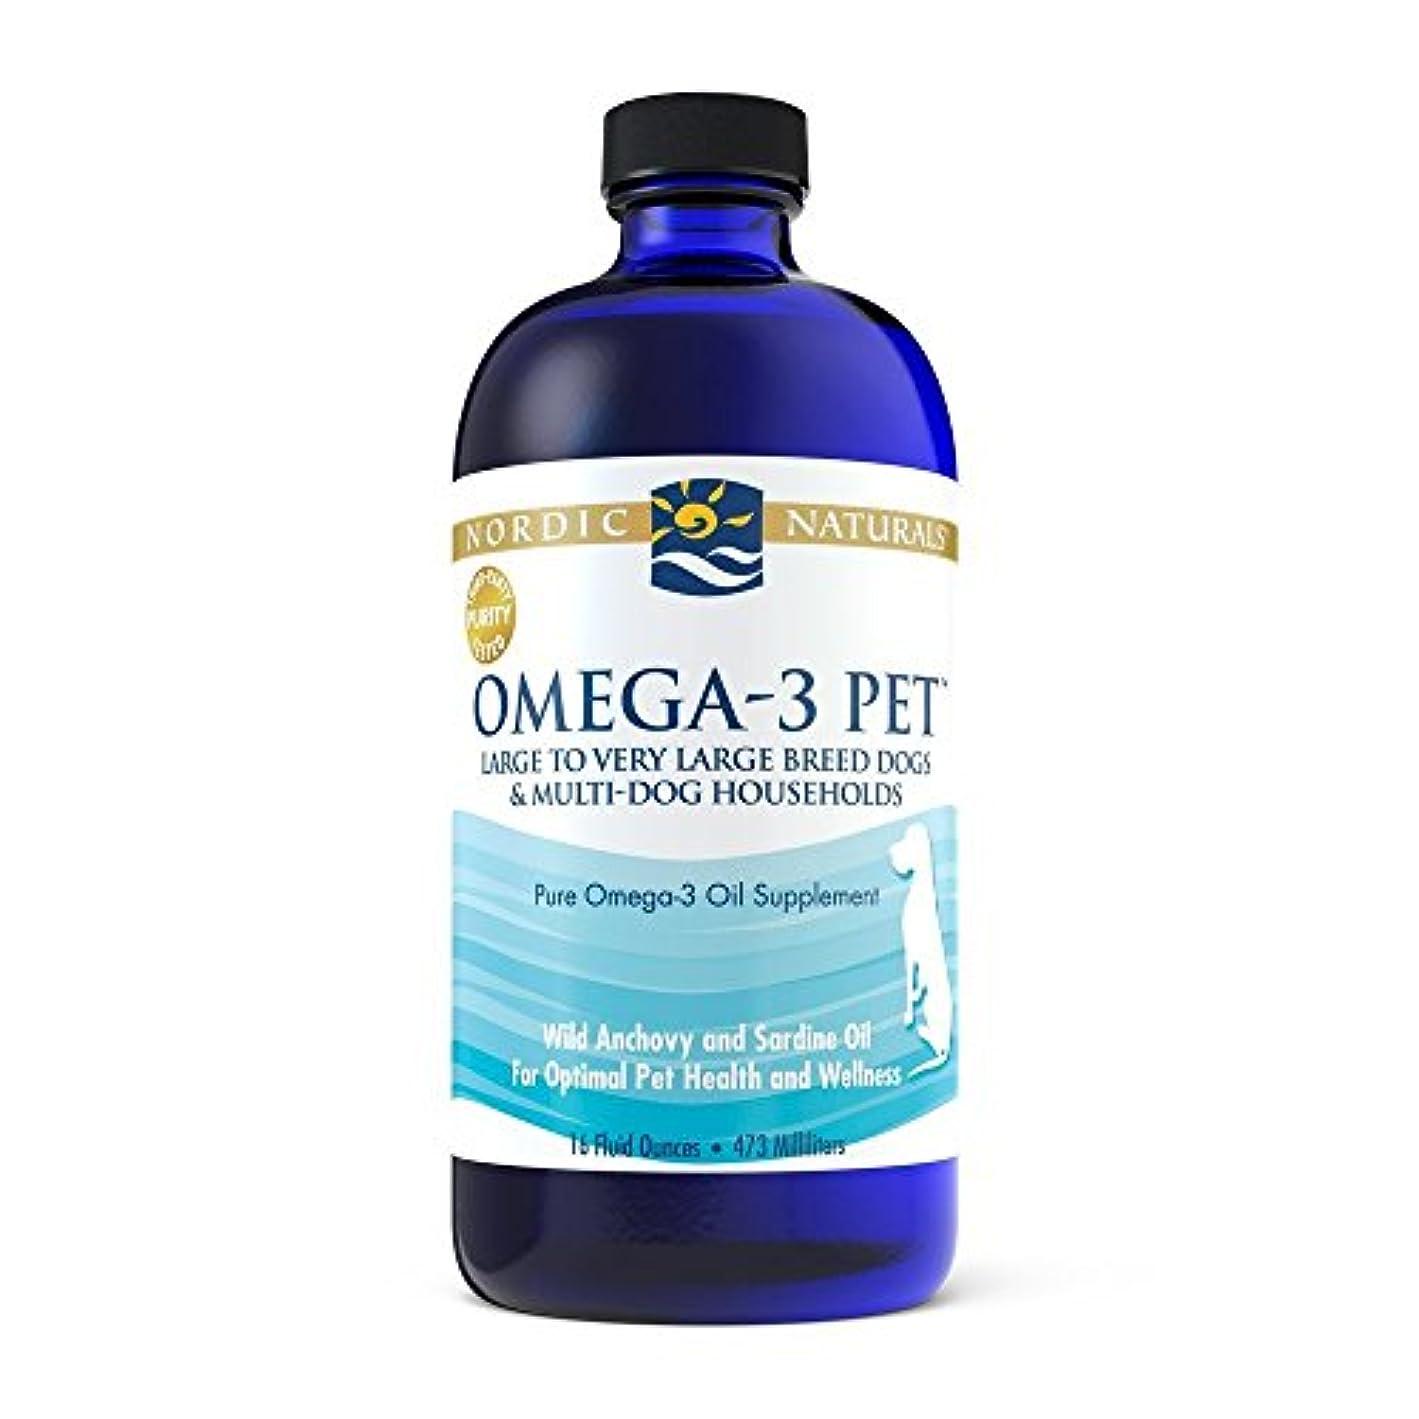 拒絶備品音楽家Nordic Naturals Fish Oil OMEGA-3 Essential Fatty Acid for Dogs + Cats 16 oz 海外直送品